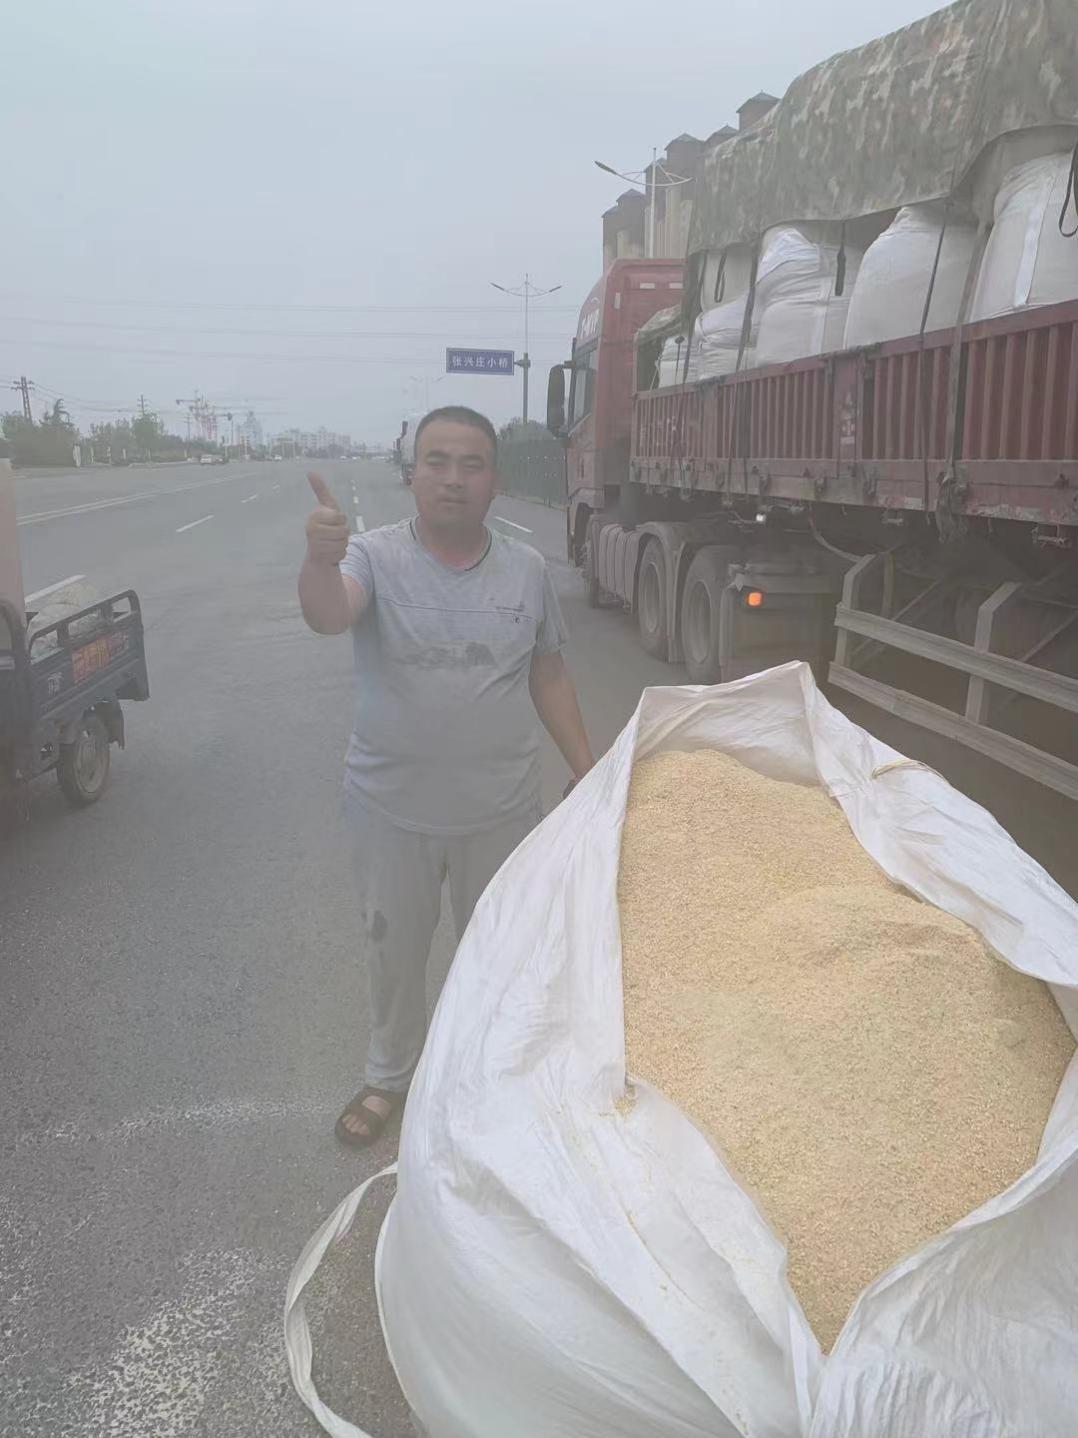 新乡市交警九大队民警帮助司机师傅收拾散落物